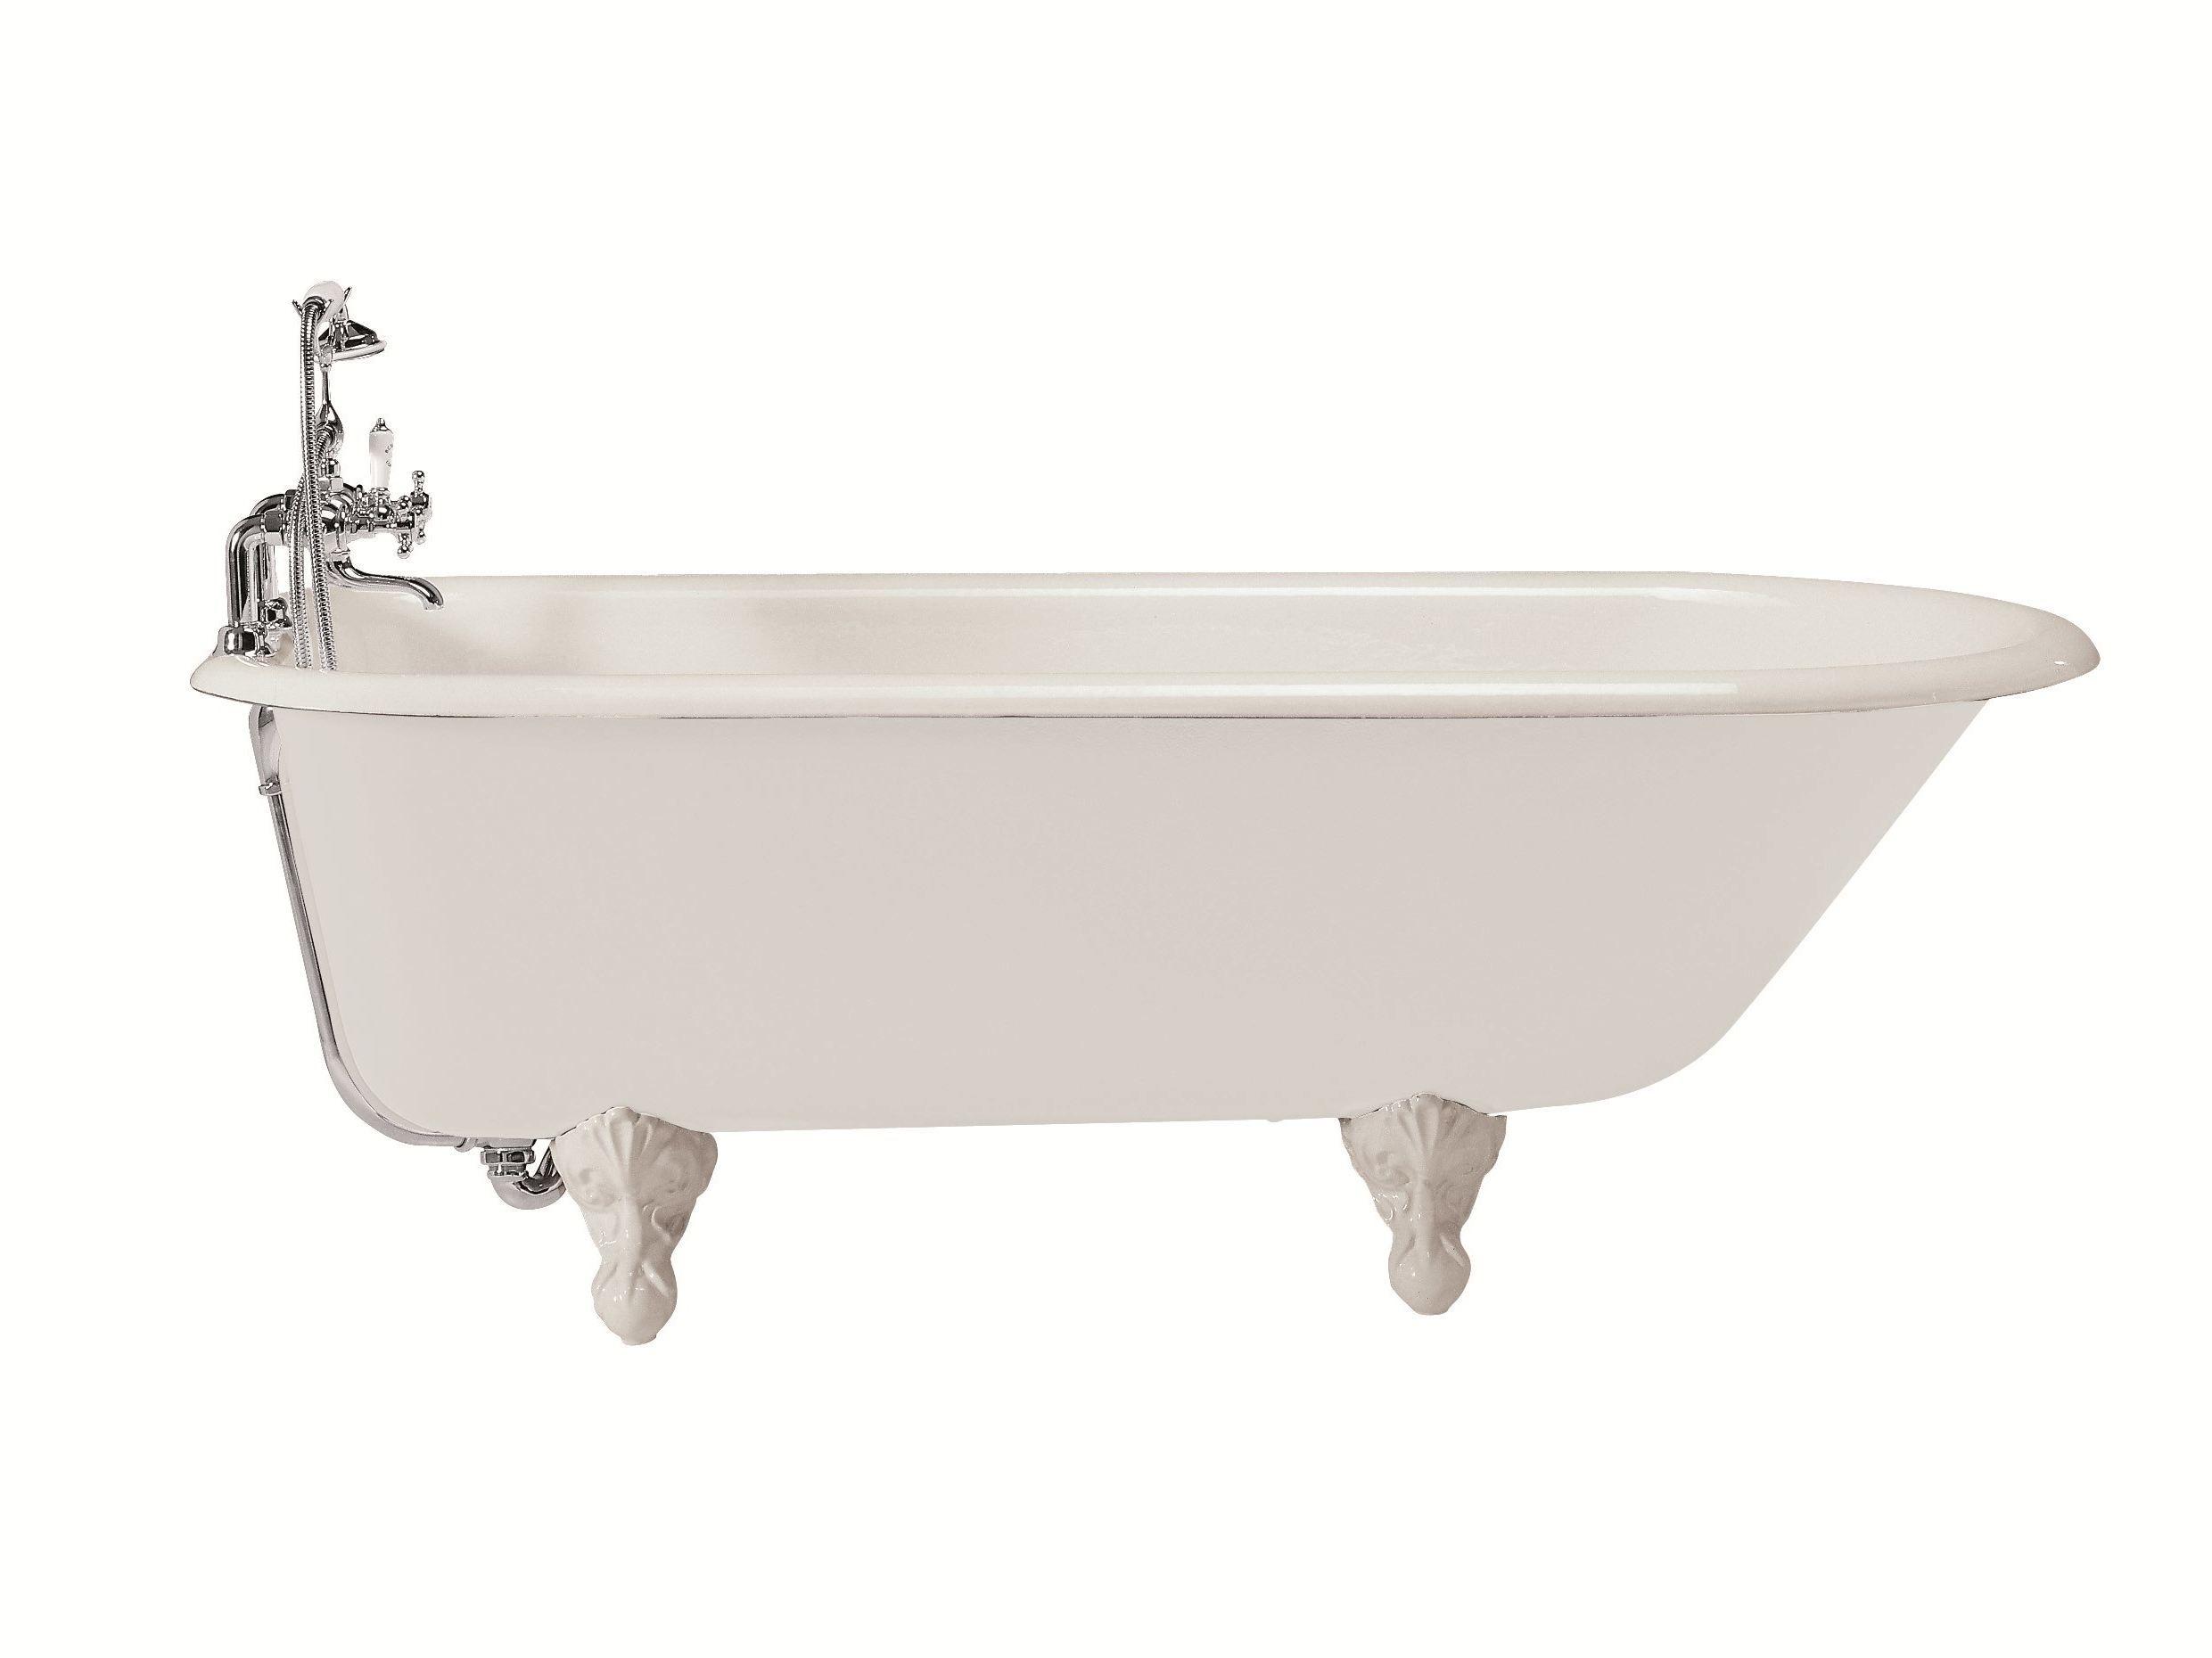 Vasca da bagno in stile classico su piedi MARGARET by GENTRY HOME